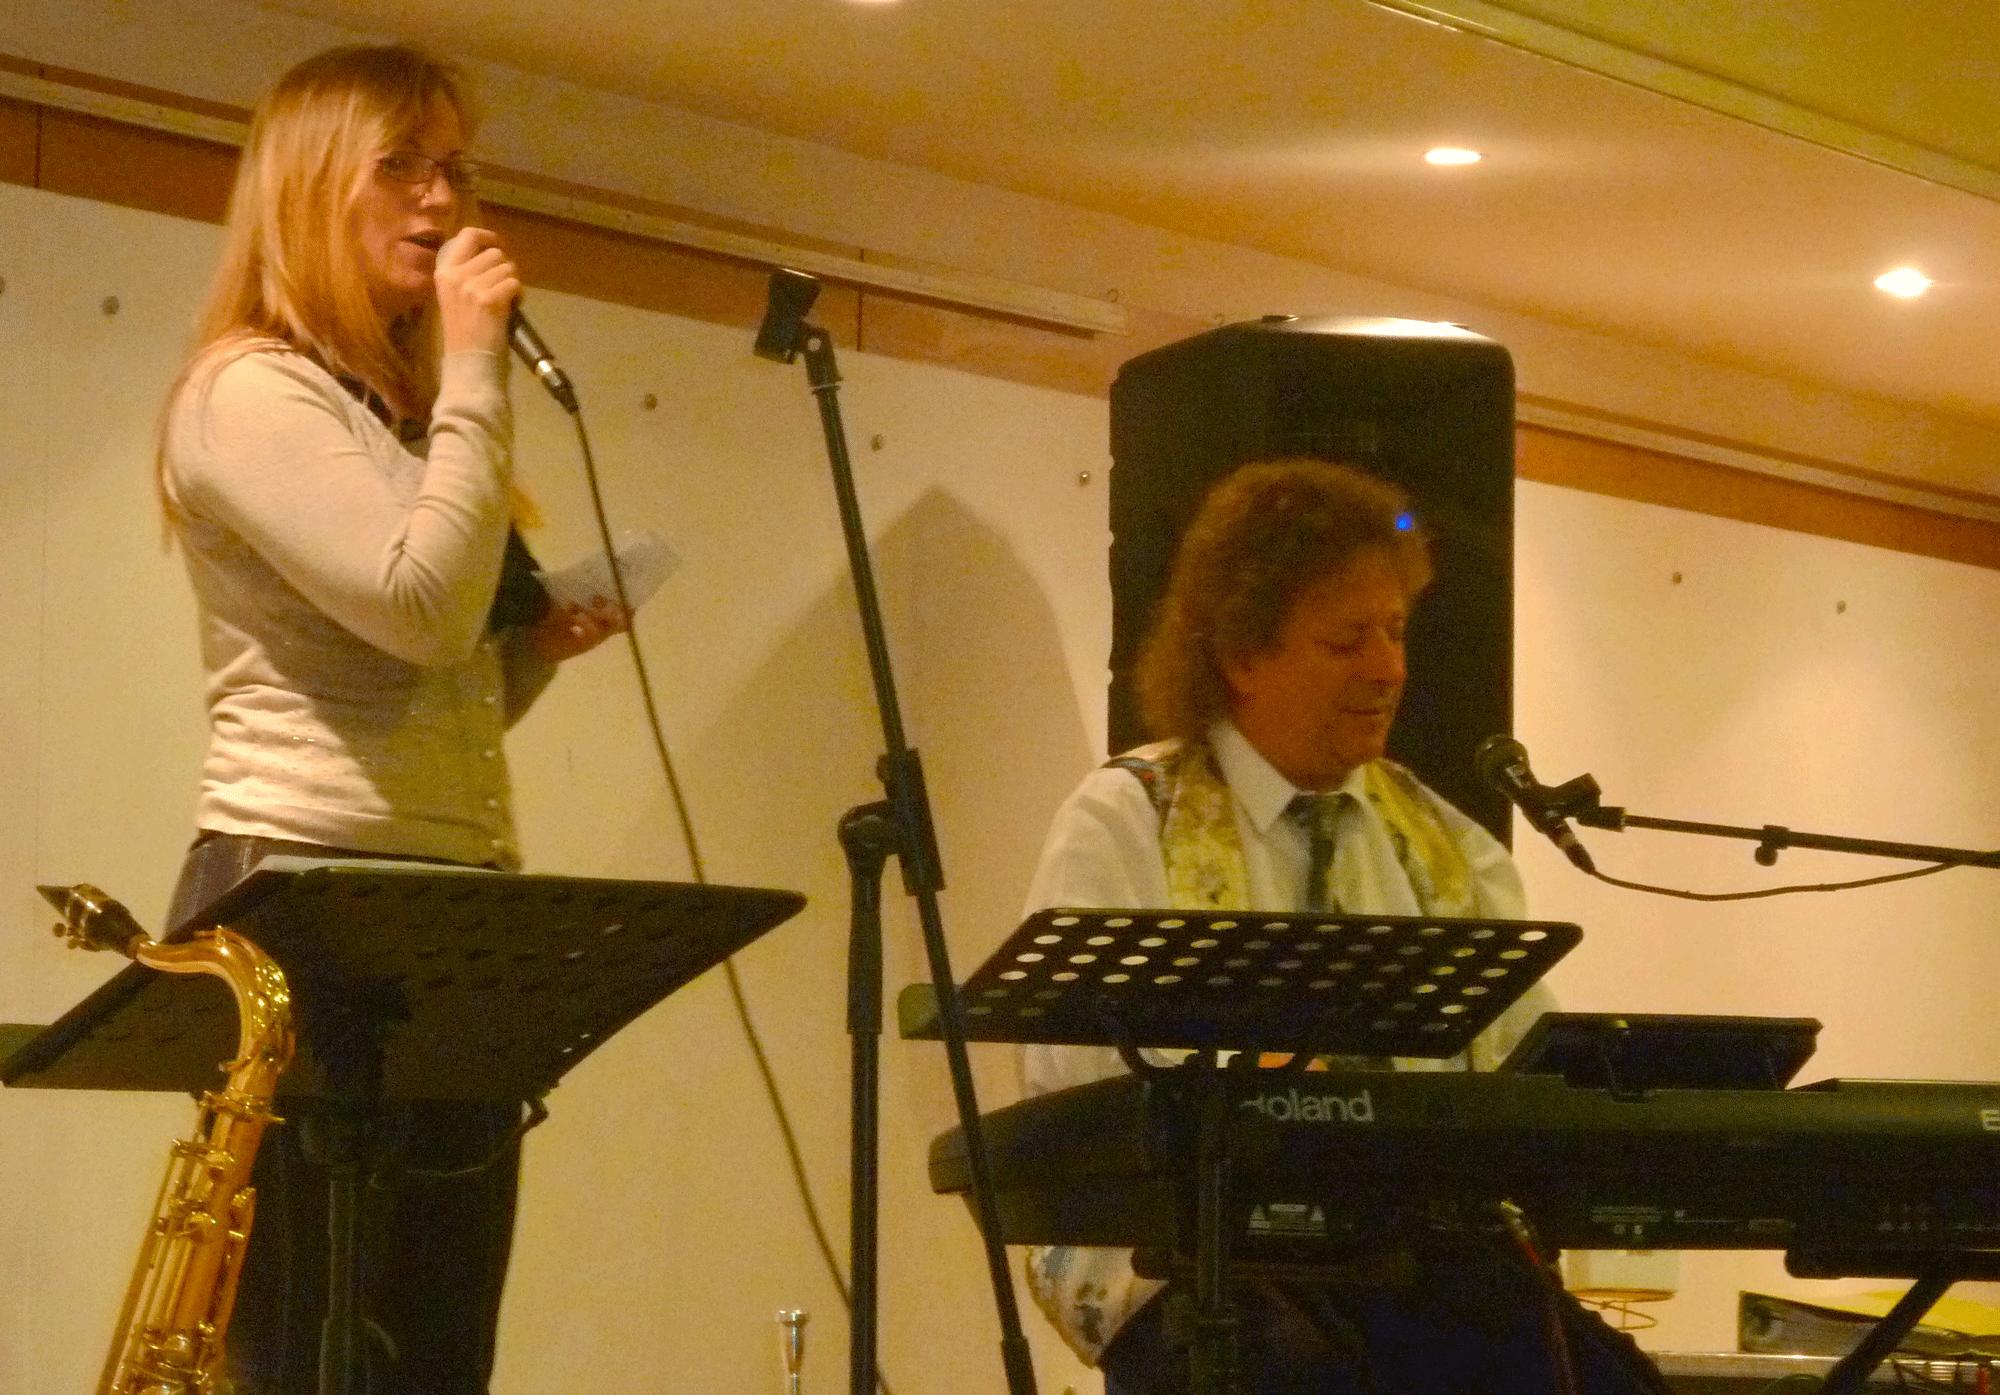 2-Chanteuse-invitée-avec-Orchestre-de-variété-jazz-à-Mesnil-le-Roi-92-Slmm-2014